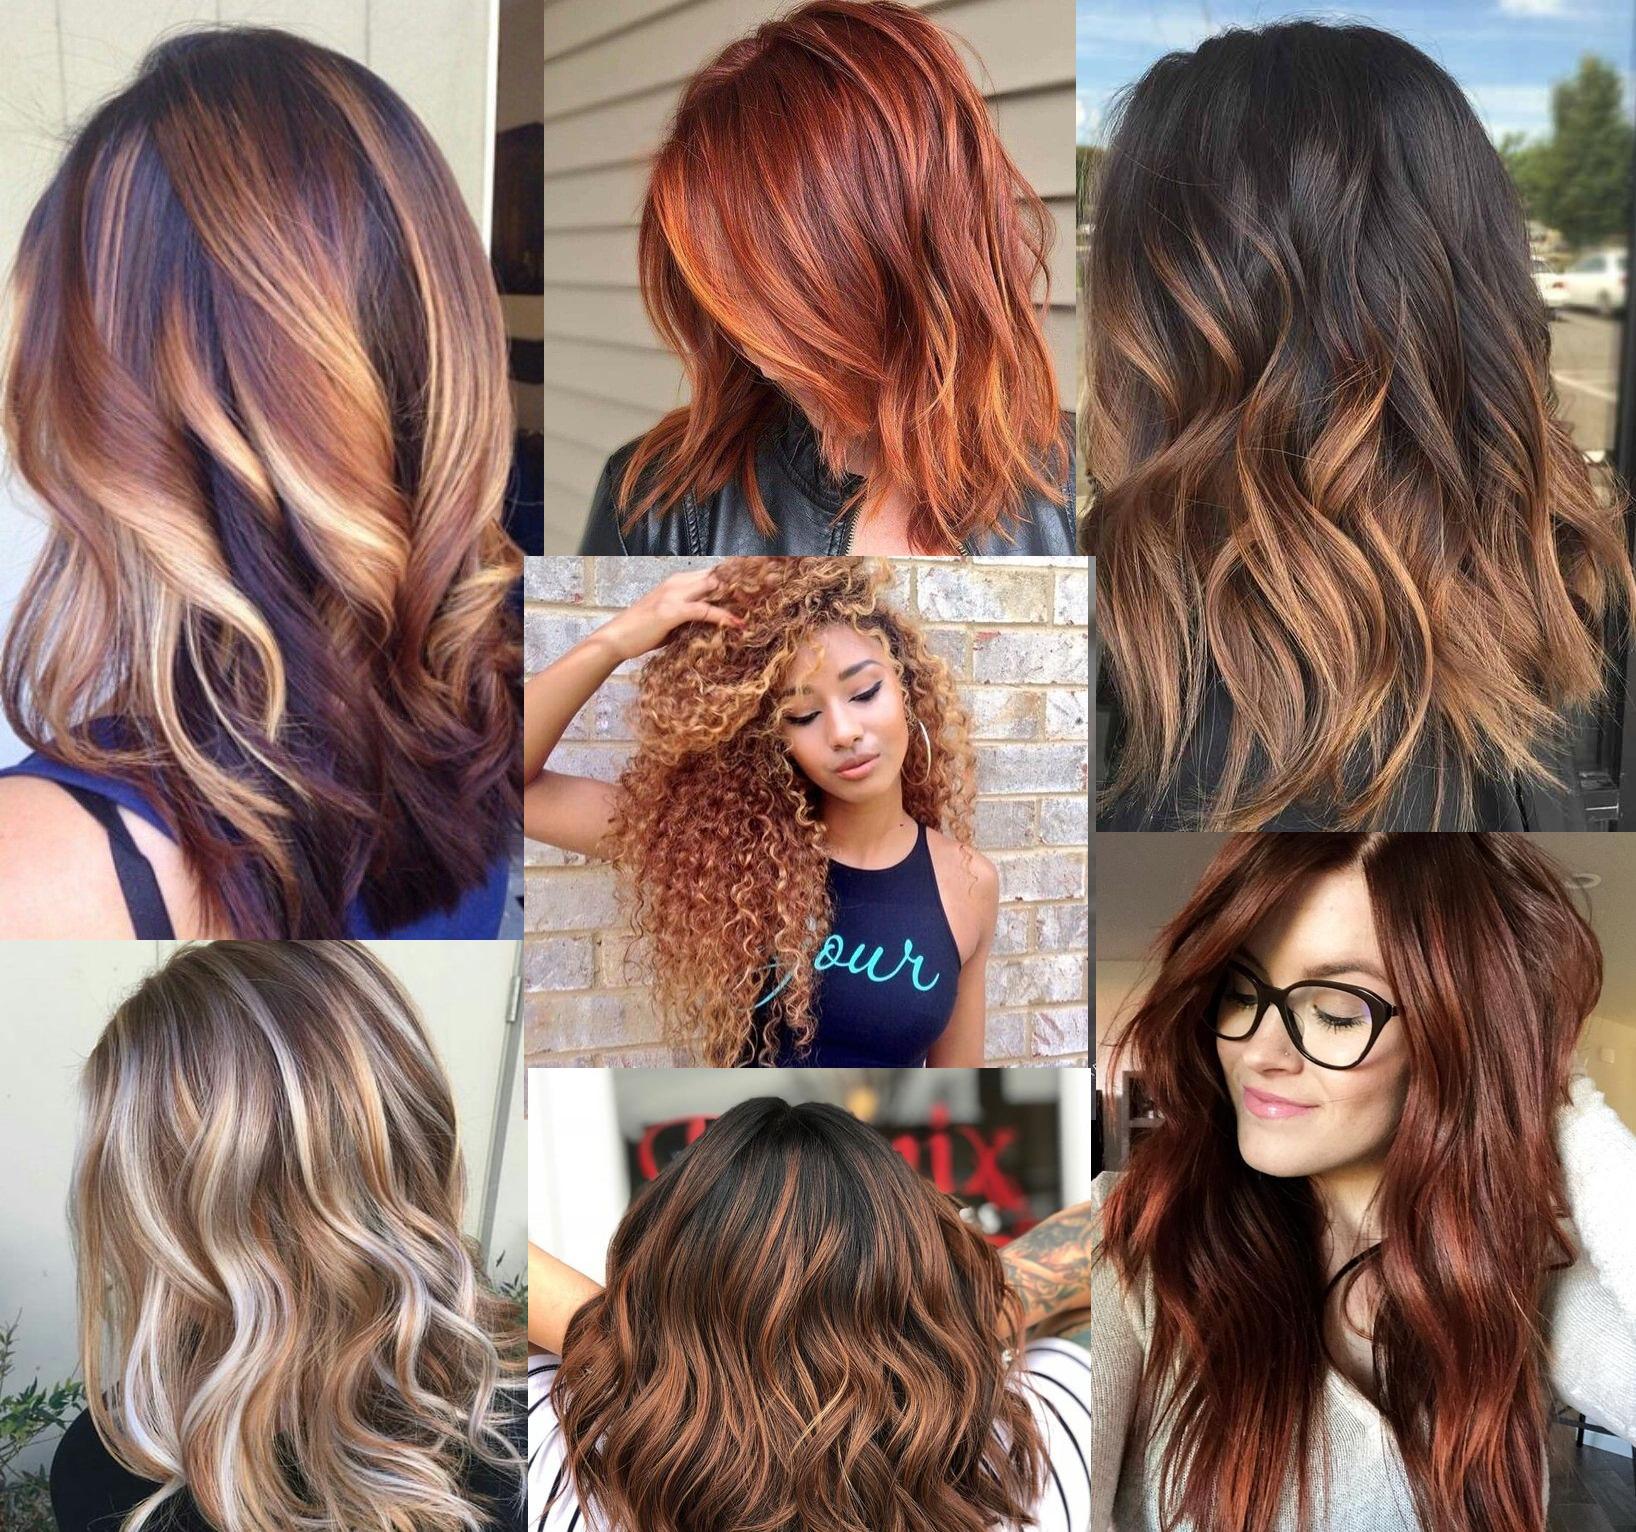 Cinnamon Hair Color Trend 30 Of The Best Cinnamon Hairstyles